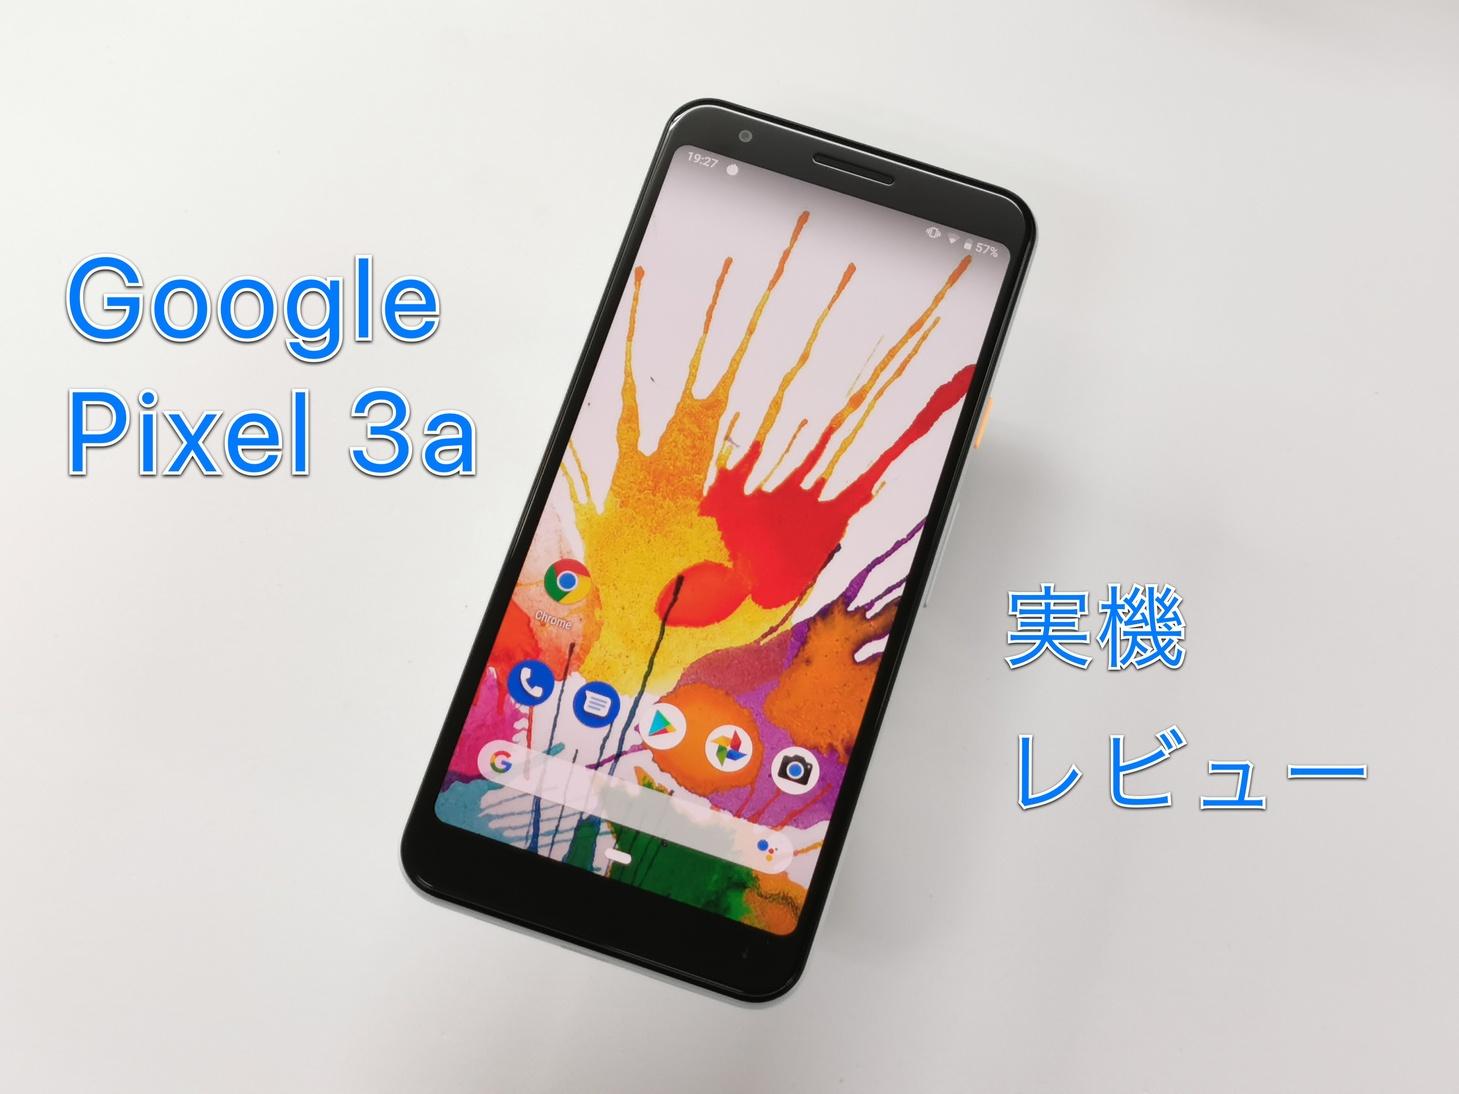 Google Pixel 3a 実機レビュー 低価格なのに十分すぎる性能と鮮やかな写真が撮れるカメラを持った良コスパ機